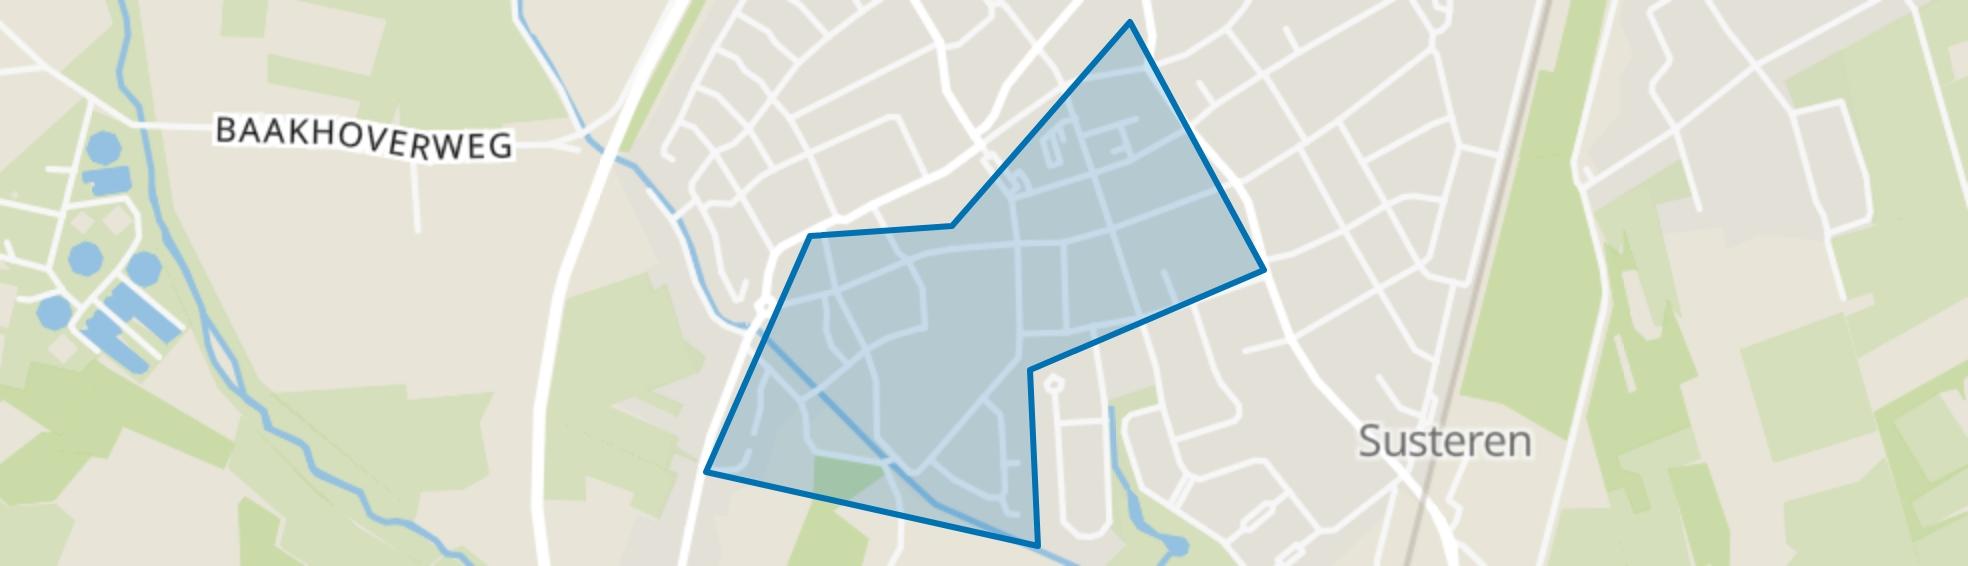 Susteren Centrum, Susteren map